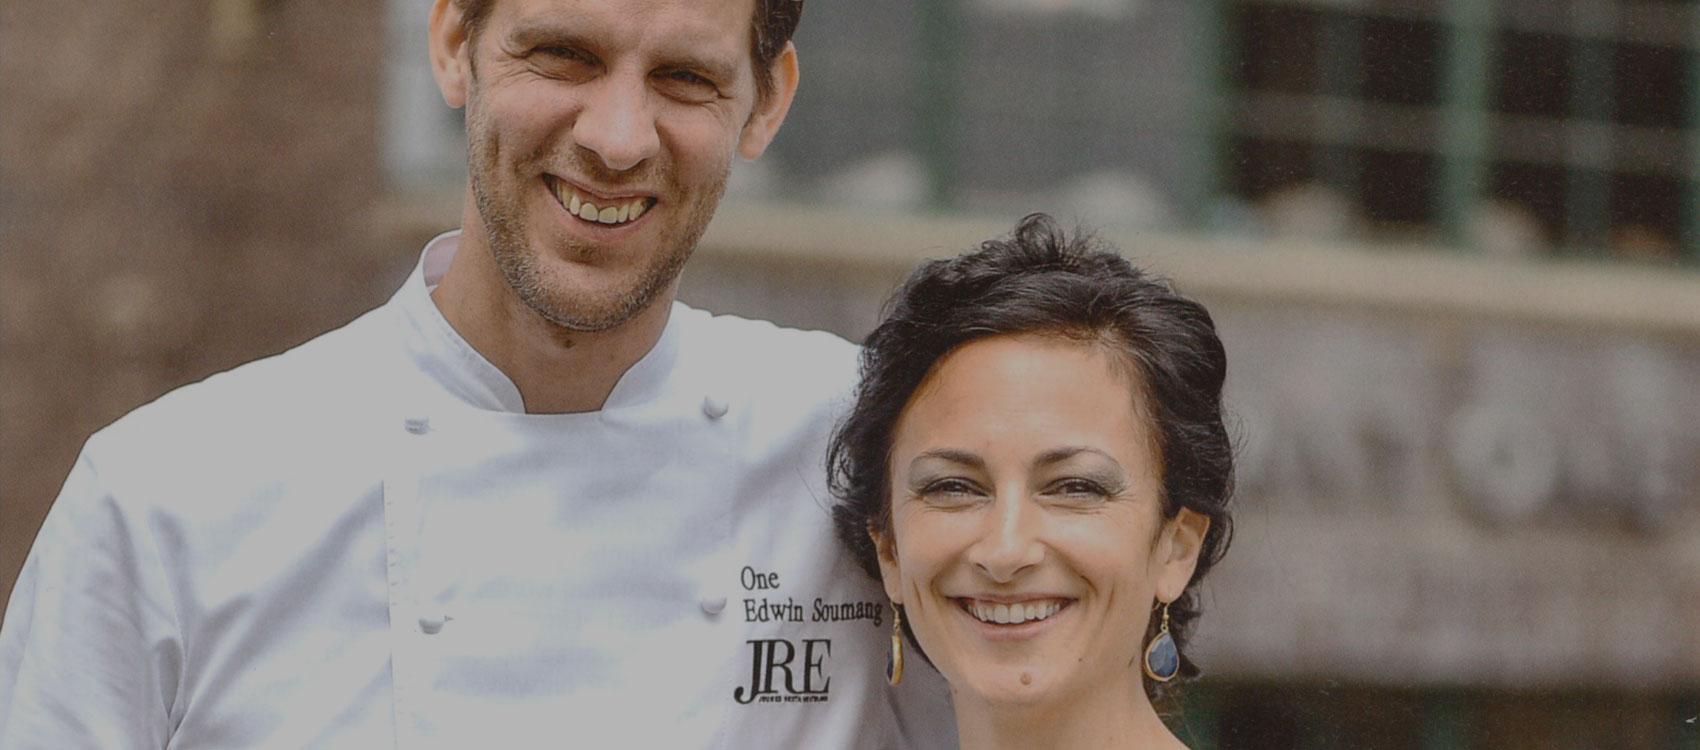 Limburgs-Canadees duo geeft Roermond een culinaire impuls